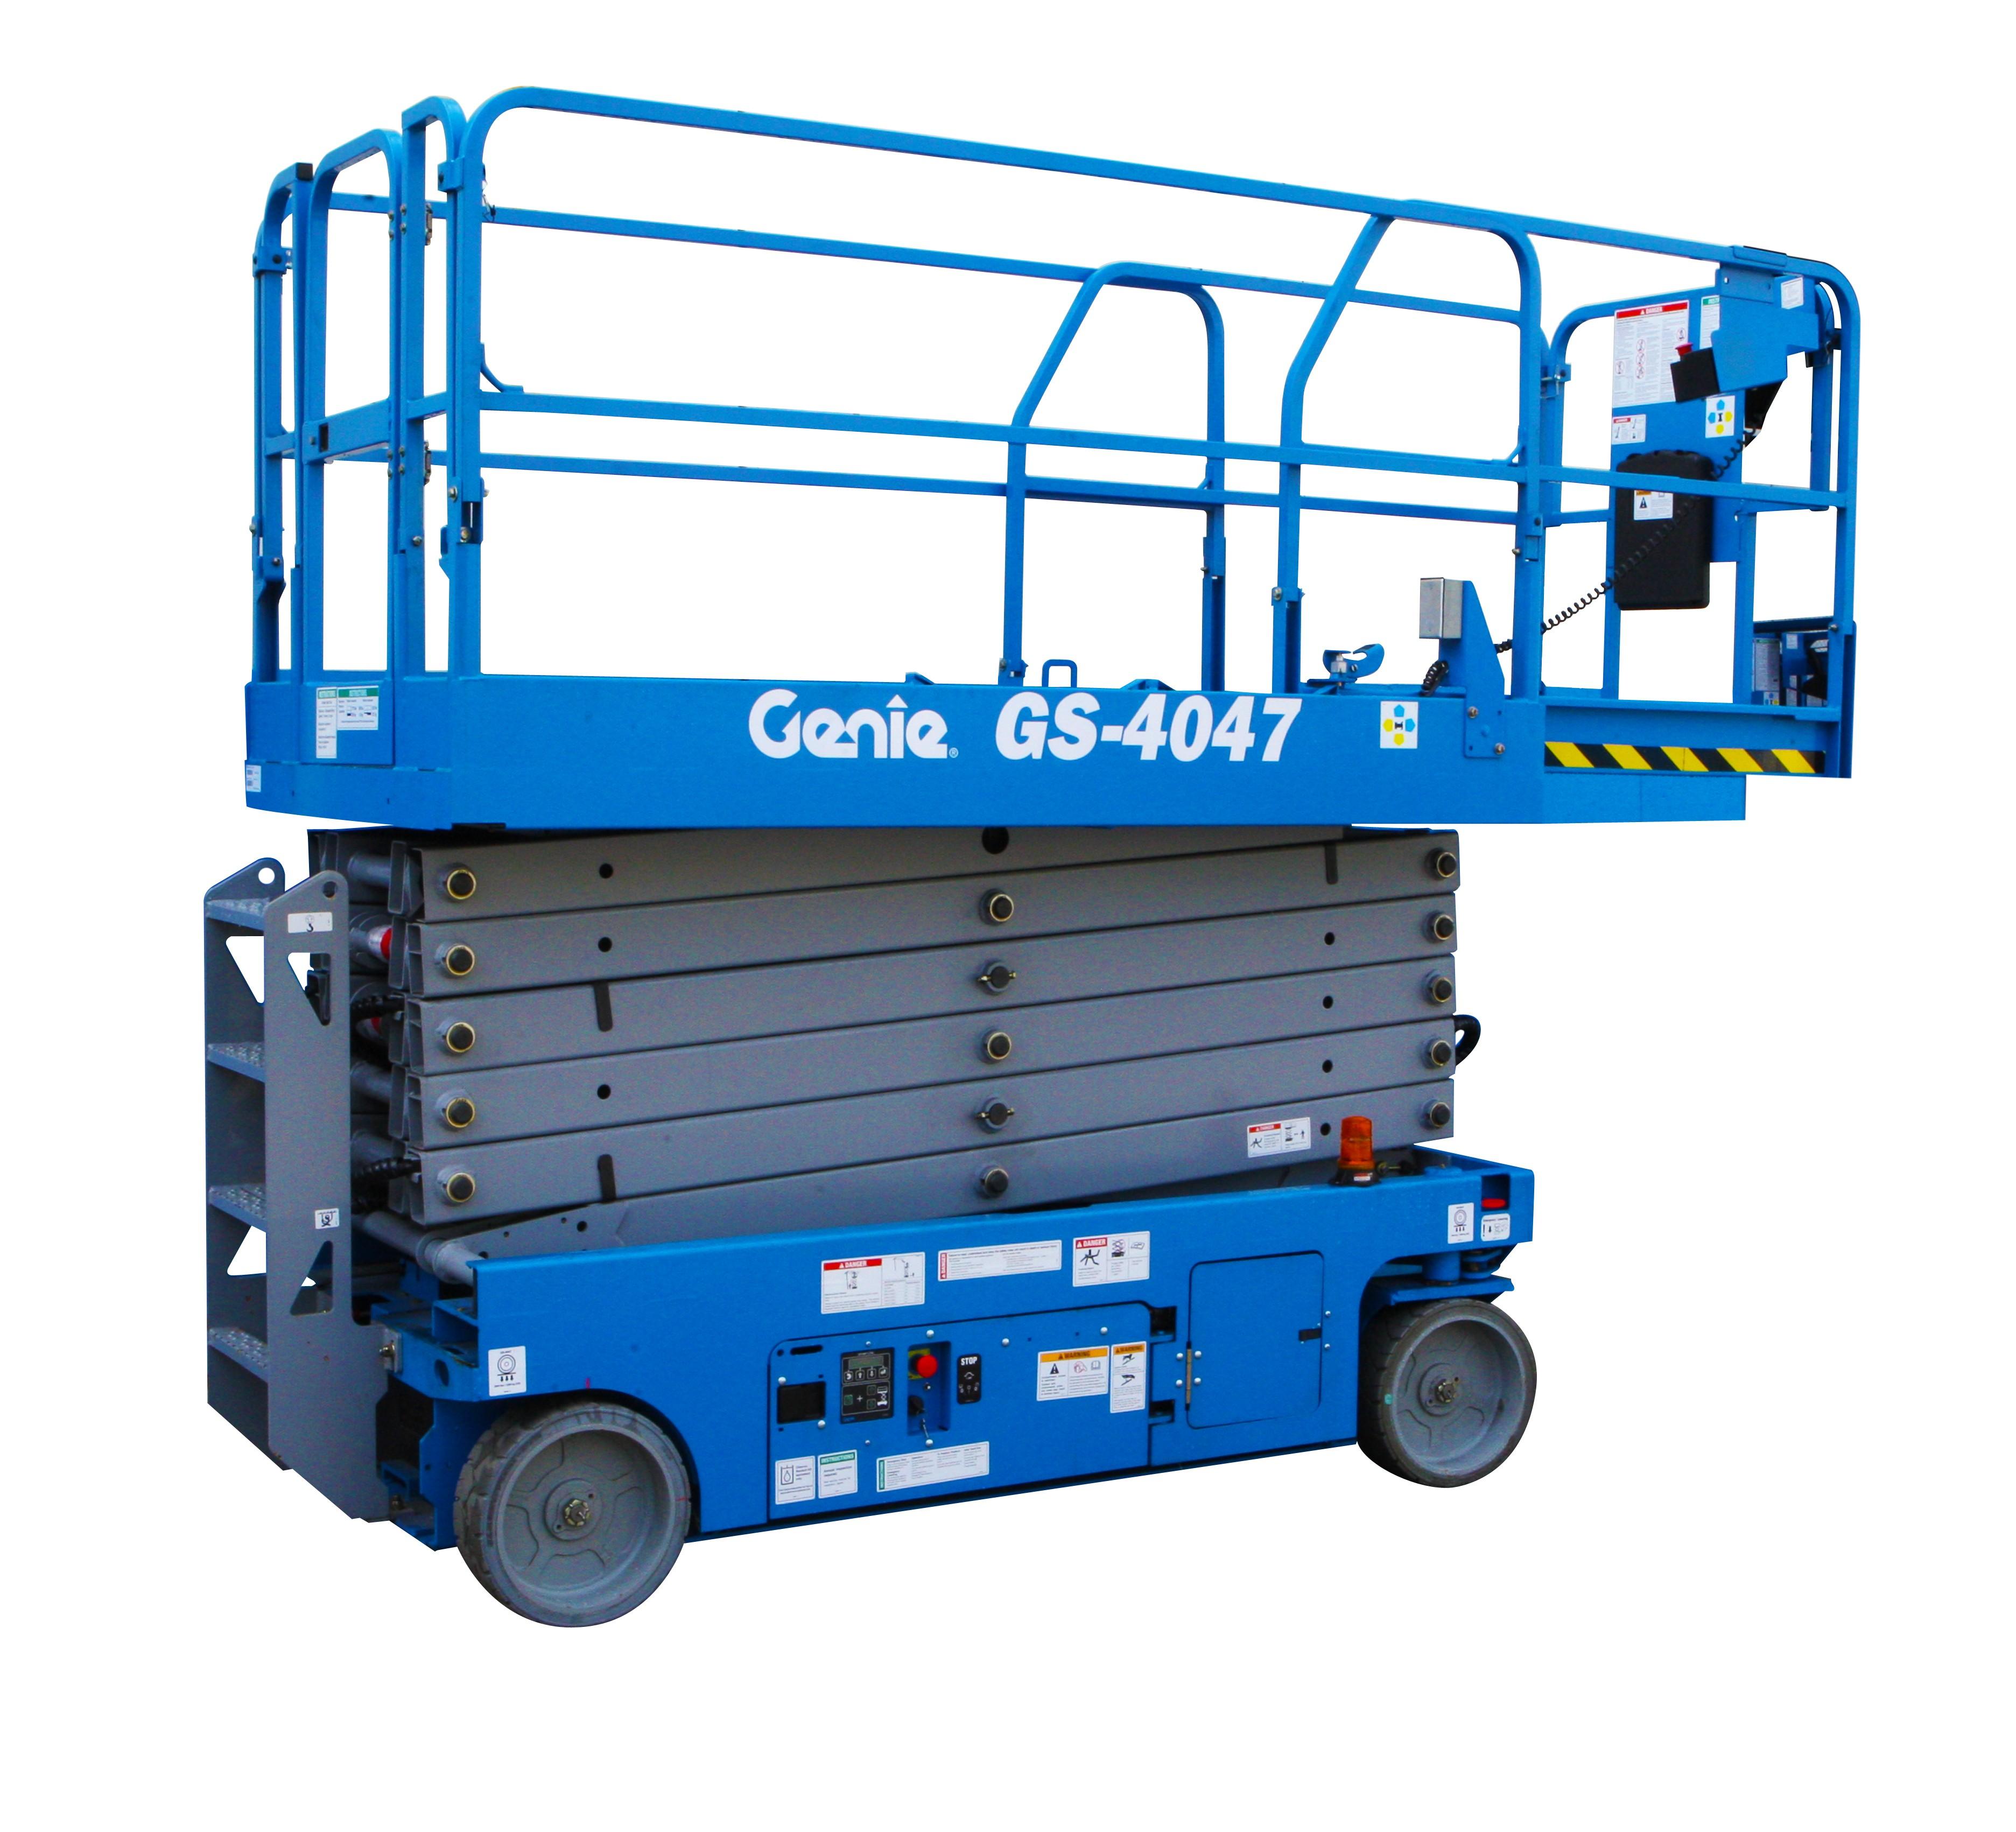 Genie Gs 4047 Marr Companies